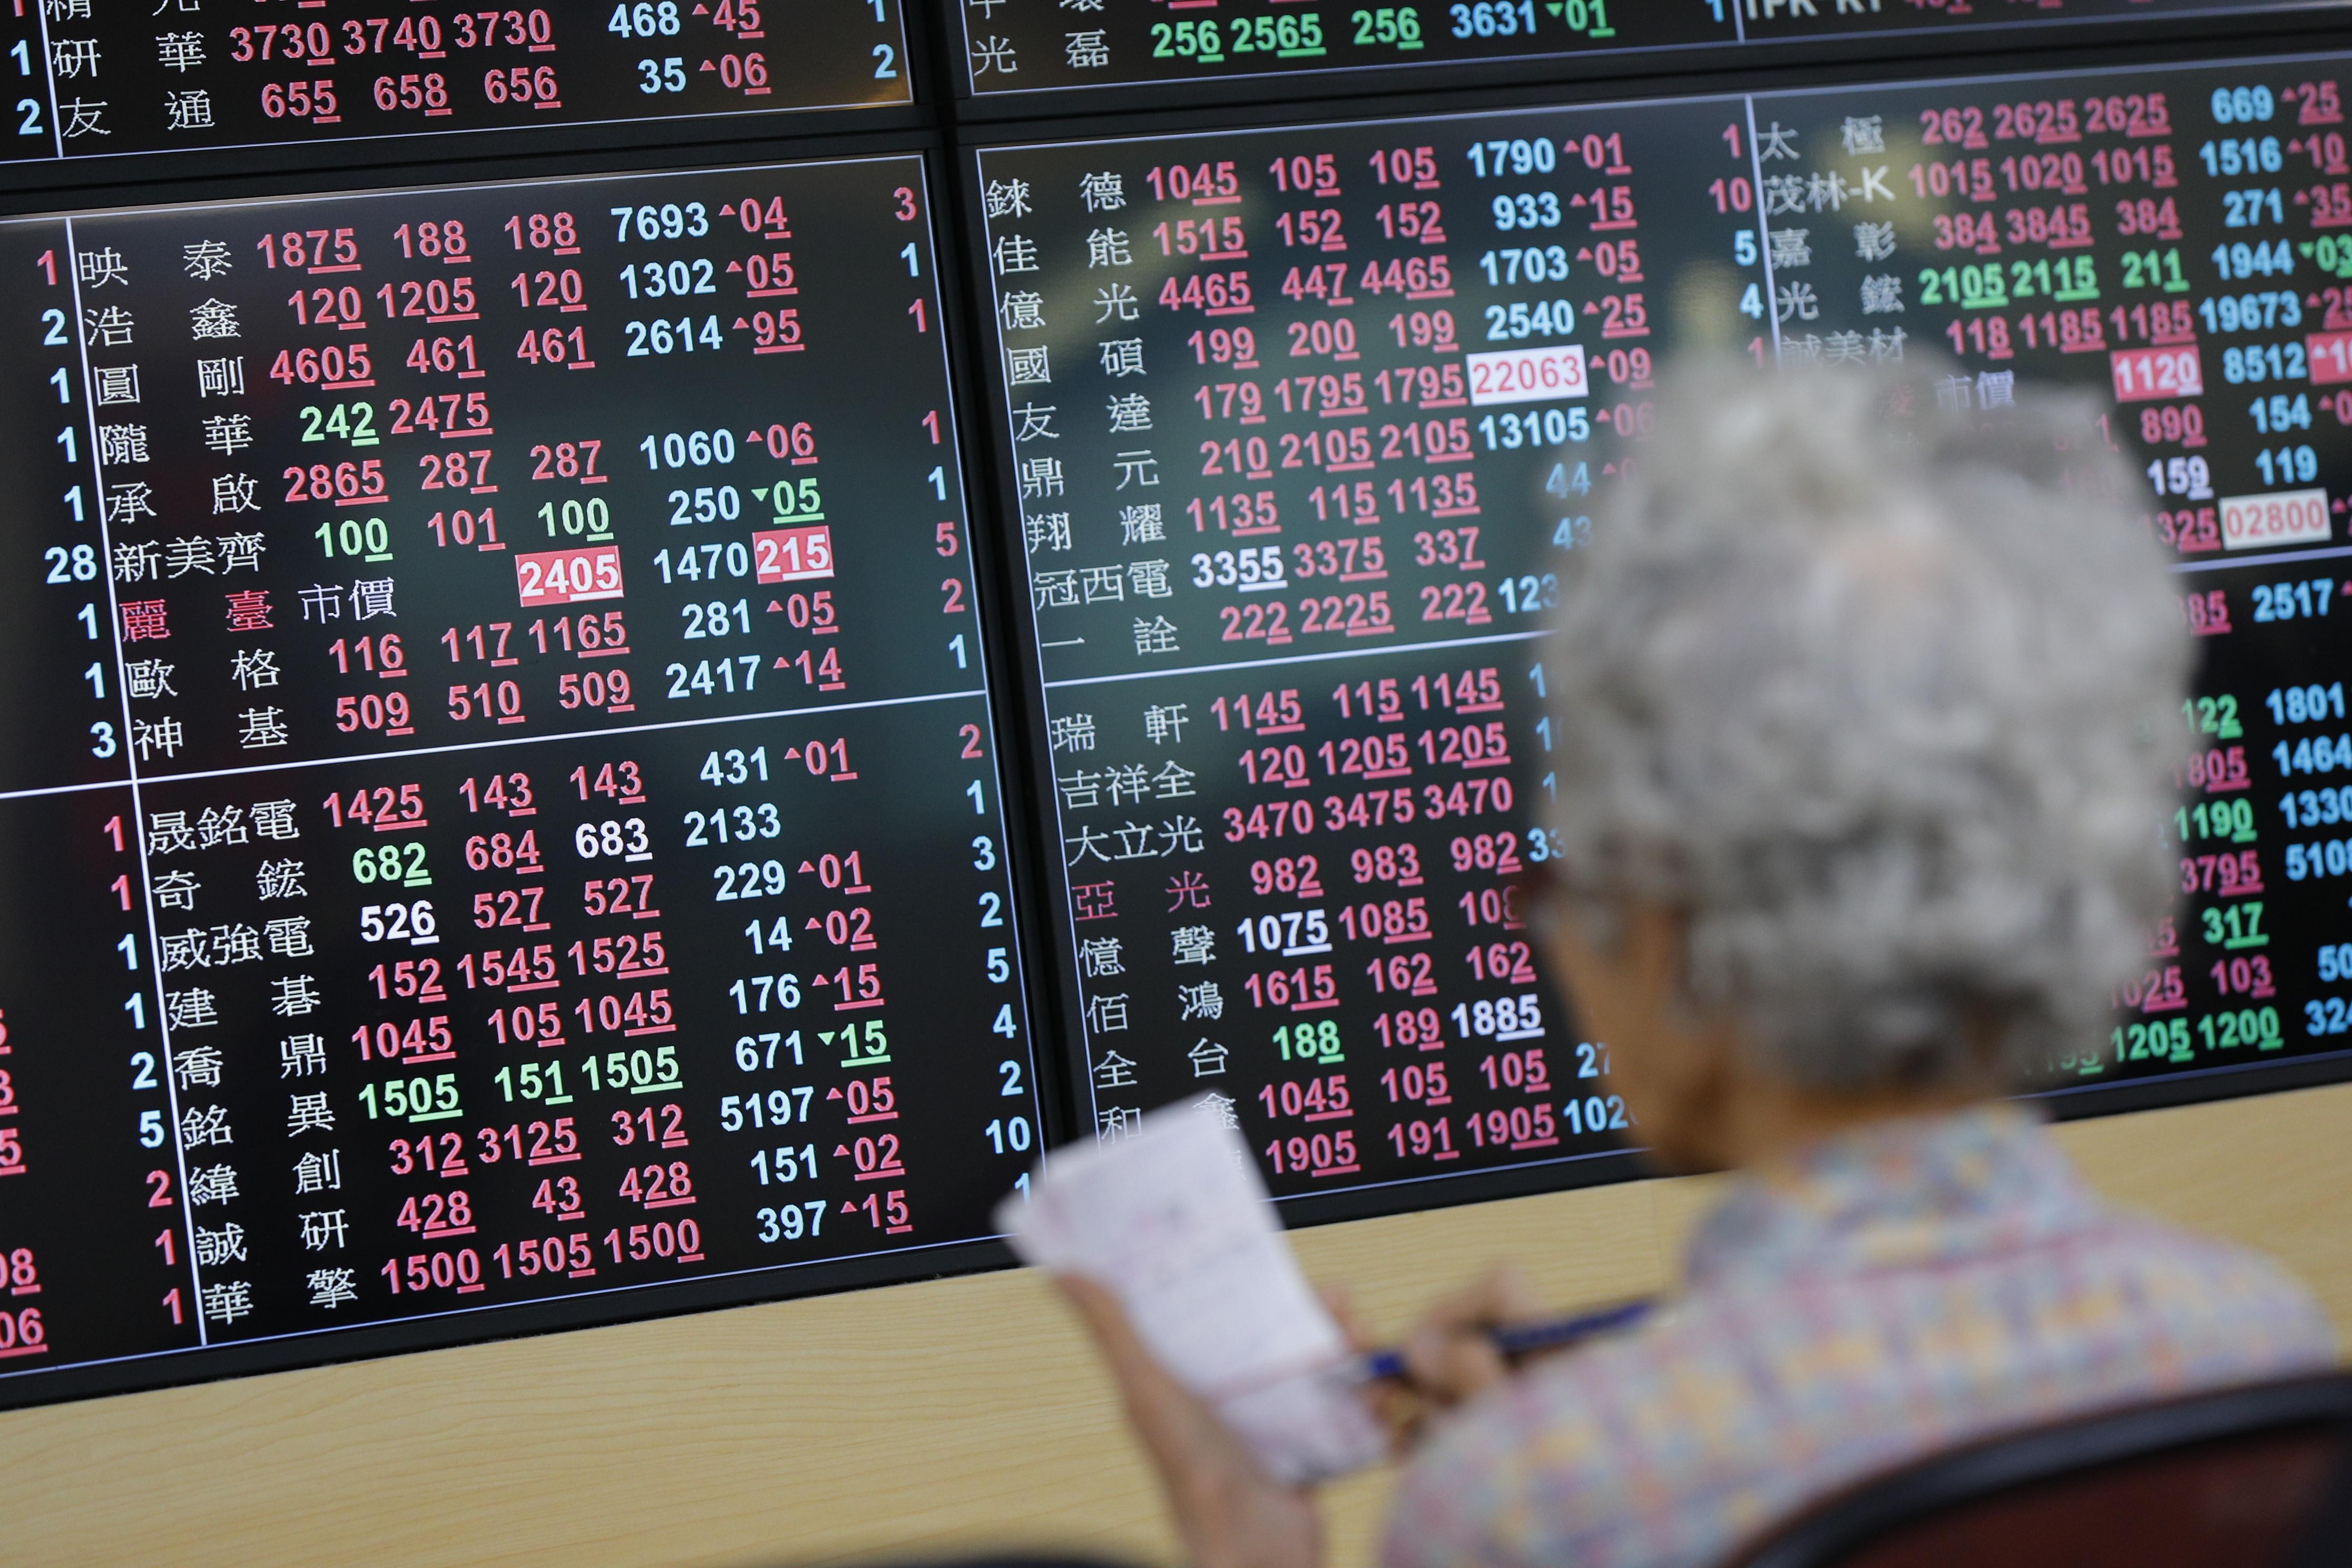 谷月涵,台股,劉憶如,貨幣政策,量化寬鬆,基本面,金融股,電子股